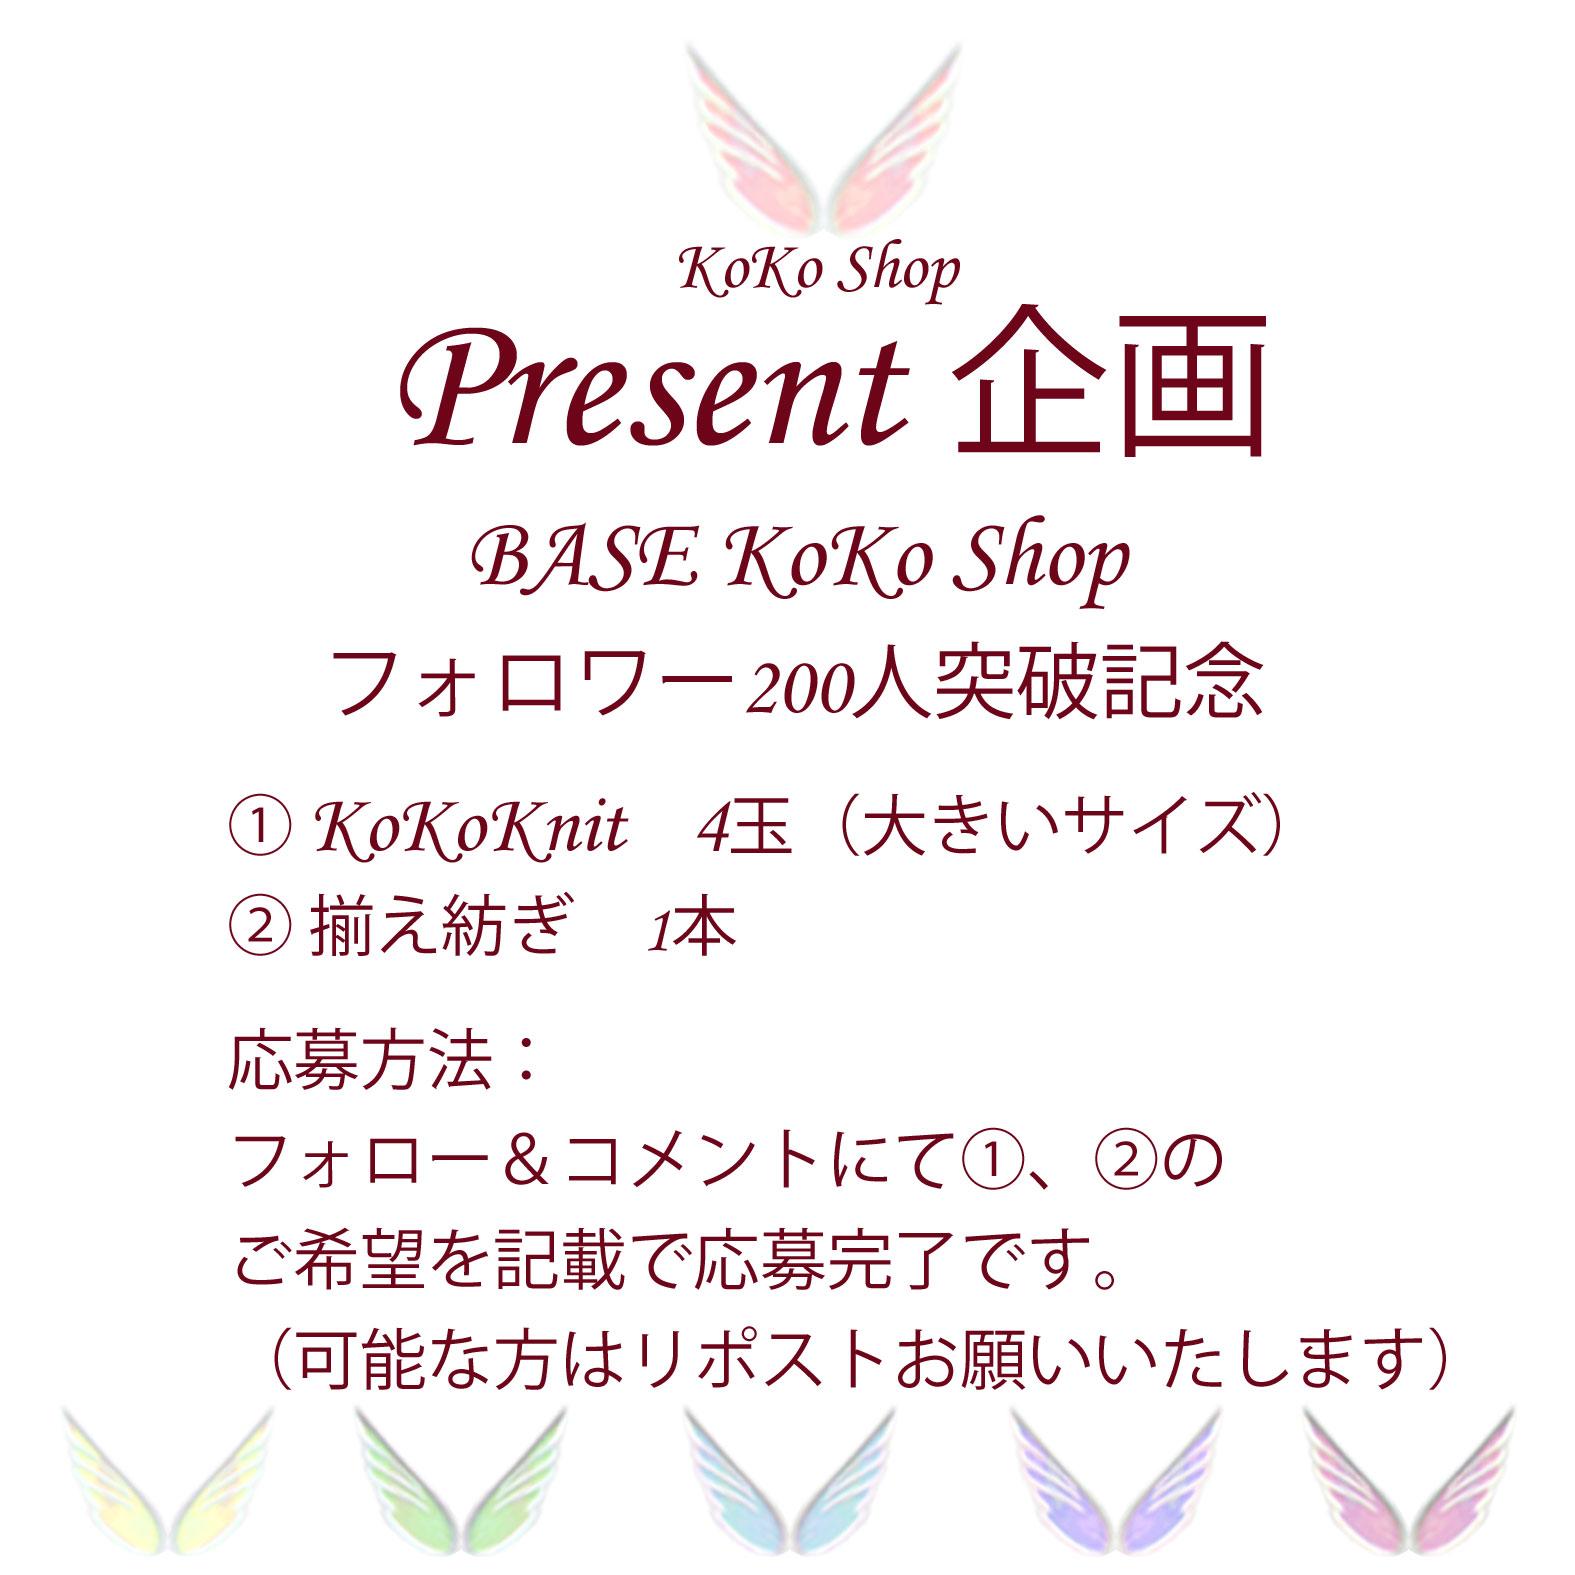 プレゼント企画実施中♪ (*´▽`*)